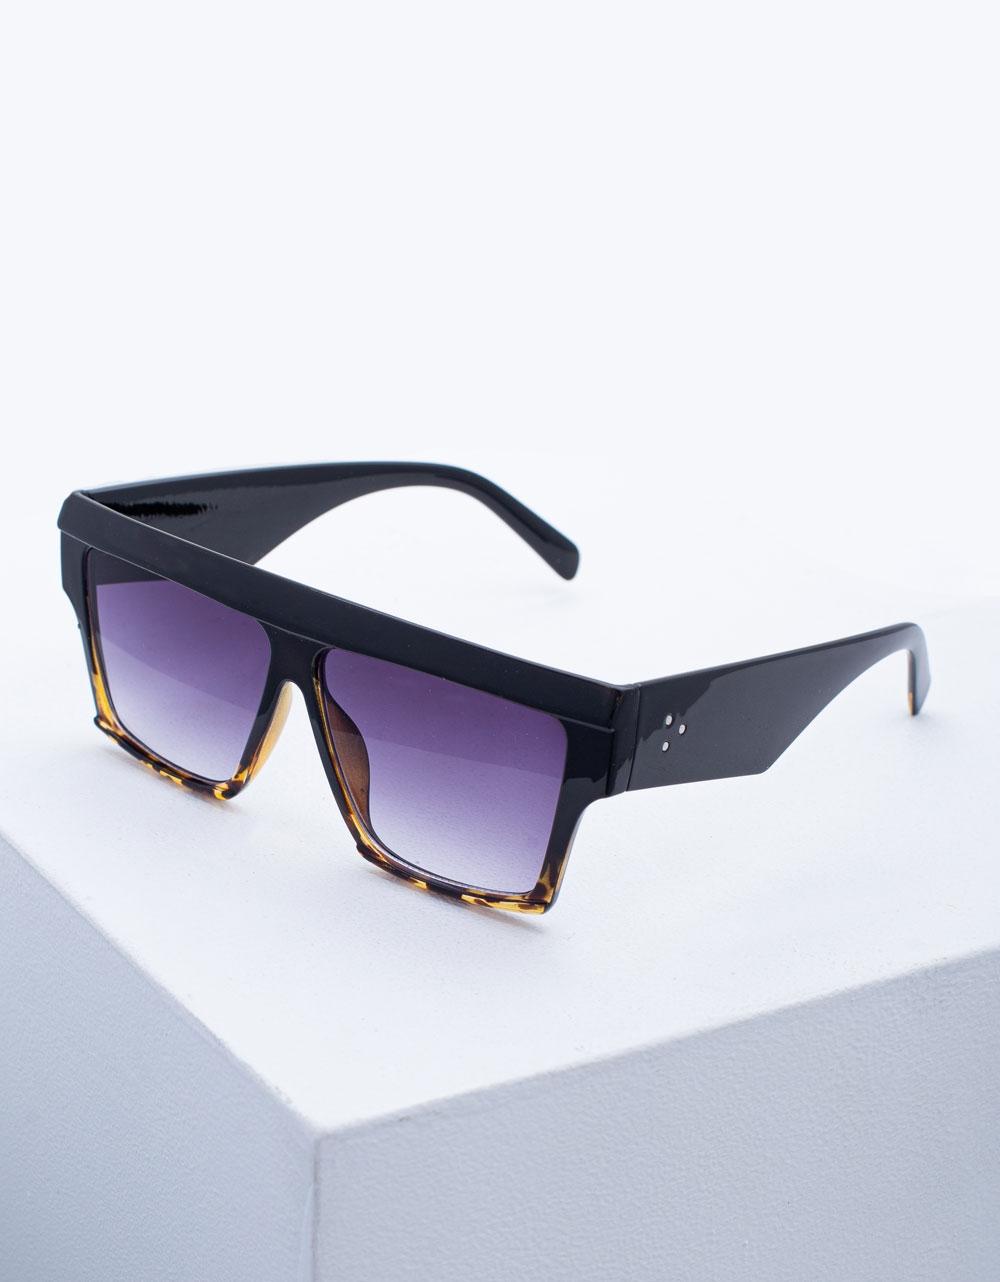 Εικόνα από Γυναικεία γυαλιά ηλίου σε τετράγωνο σχήμα Μαύρο/Καφέ